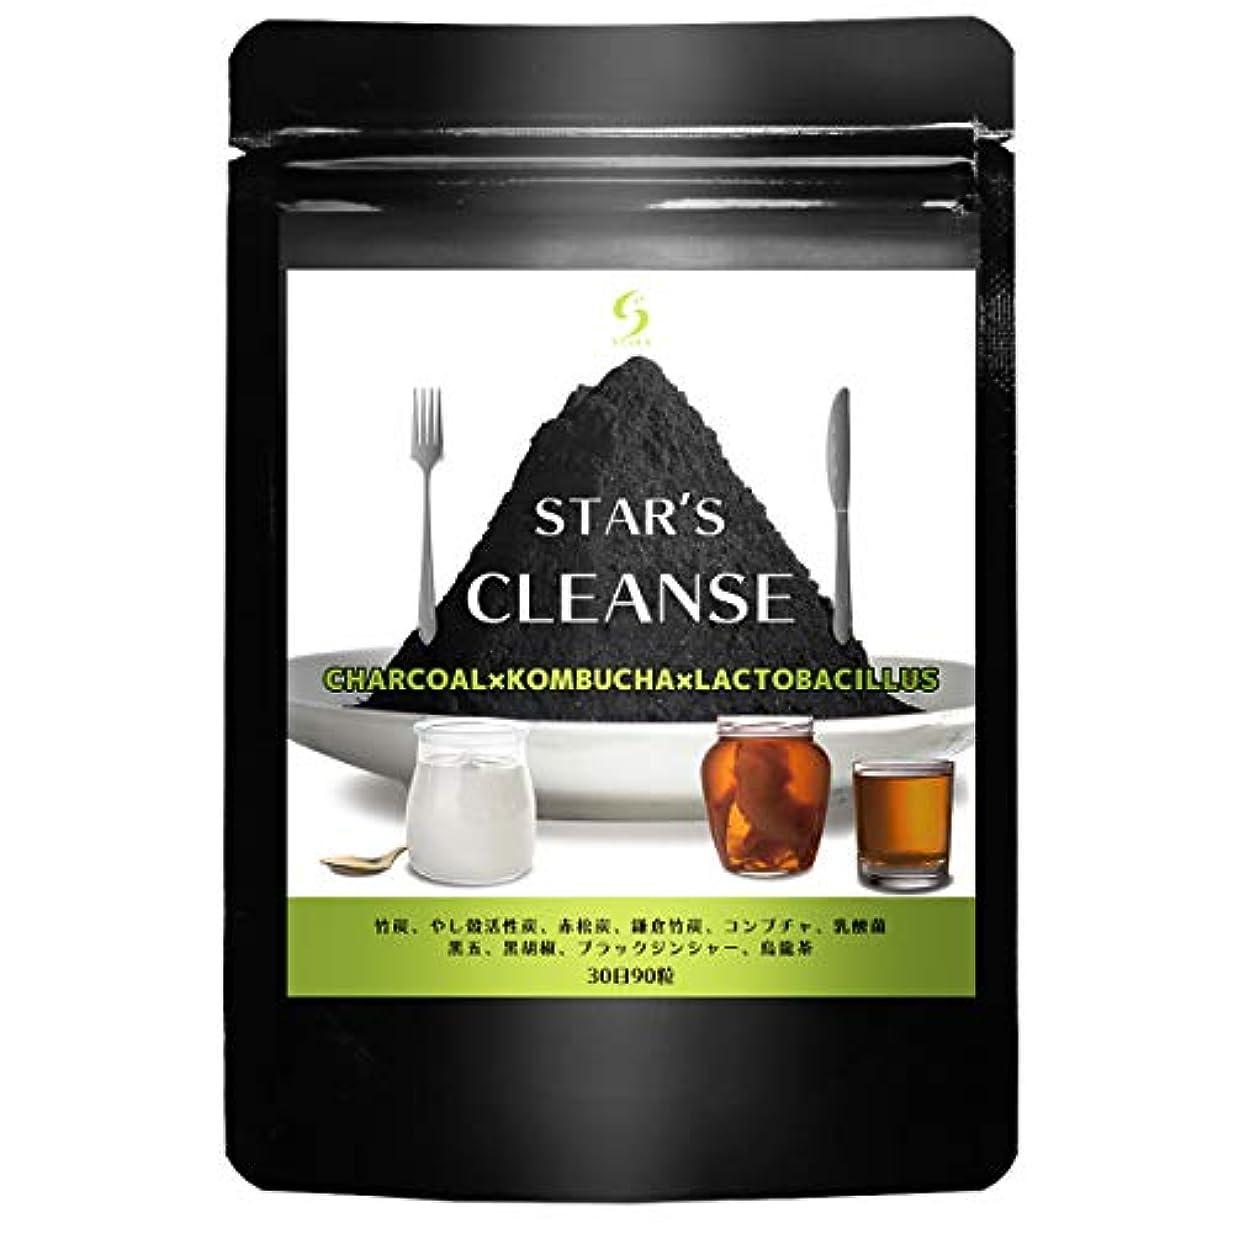 気づかないミニ古風なスターズクレンズ 炭ダイエット サプリ コンブチャ 乳酸菌 チャコール サプリメント 90粒30日分